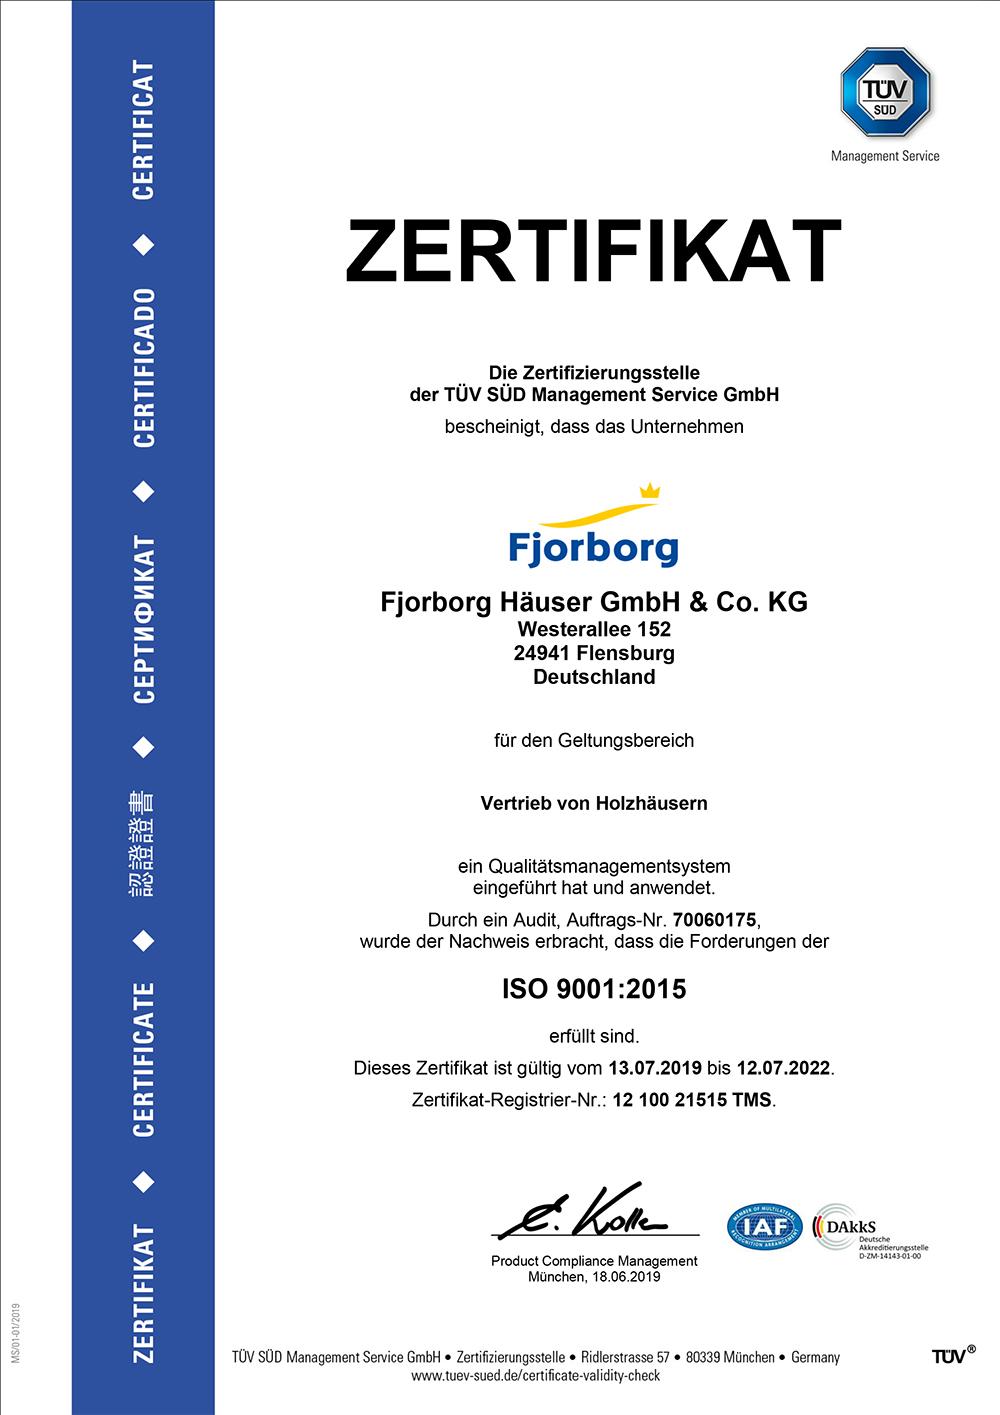 Fjorborg Häuser - TÜV Zertifikat Fjorborg Häuser - Qualität und Zertifikate gueltig bis Juli 2022